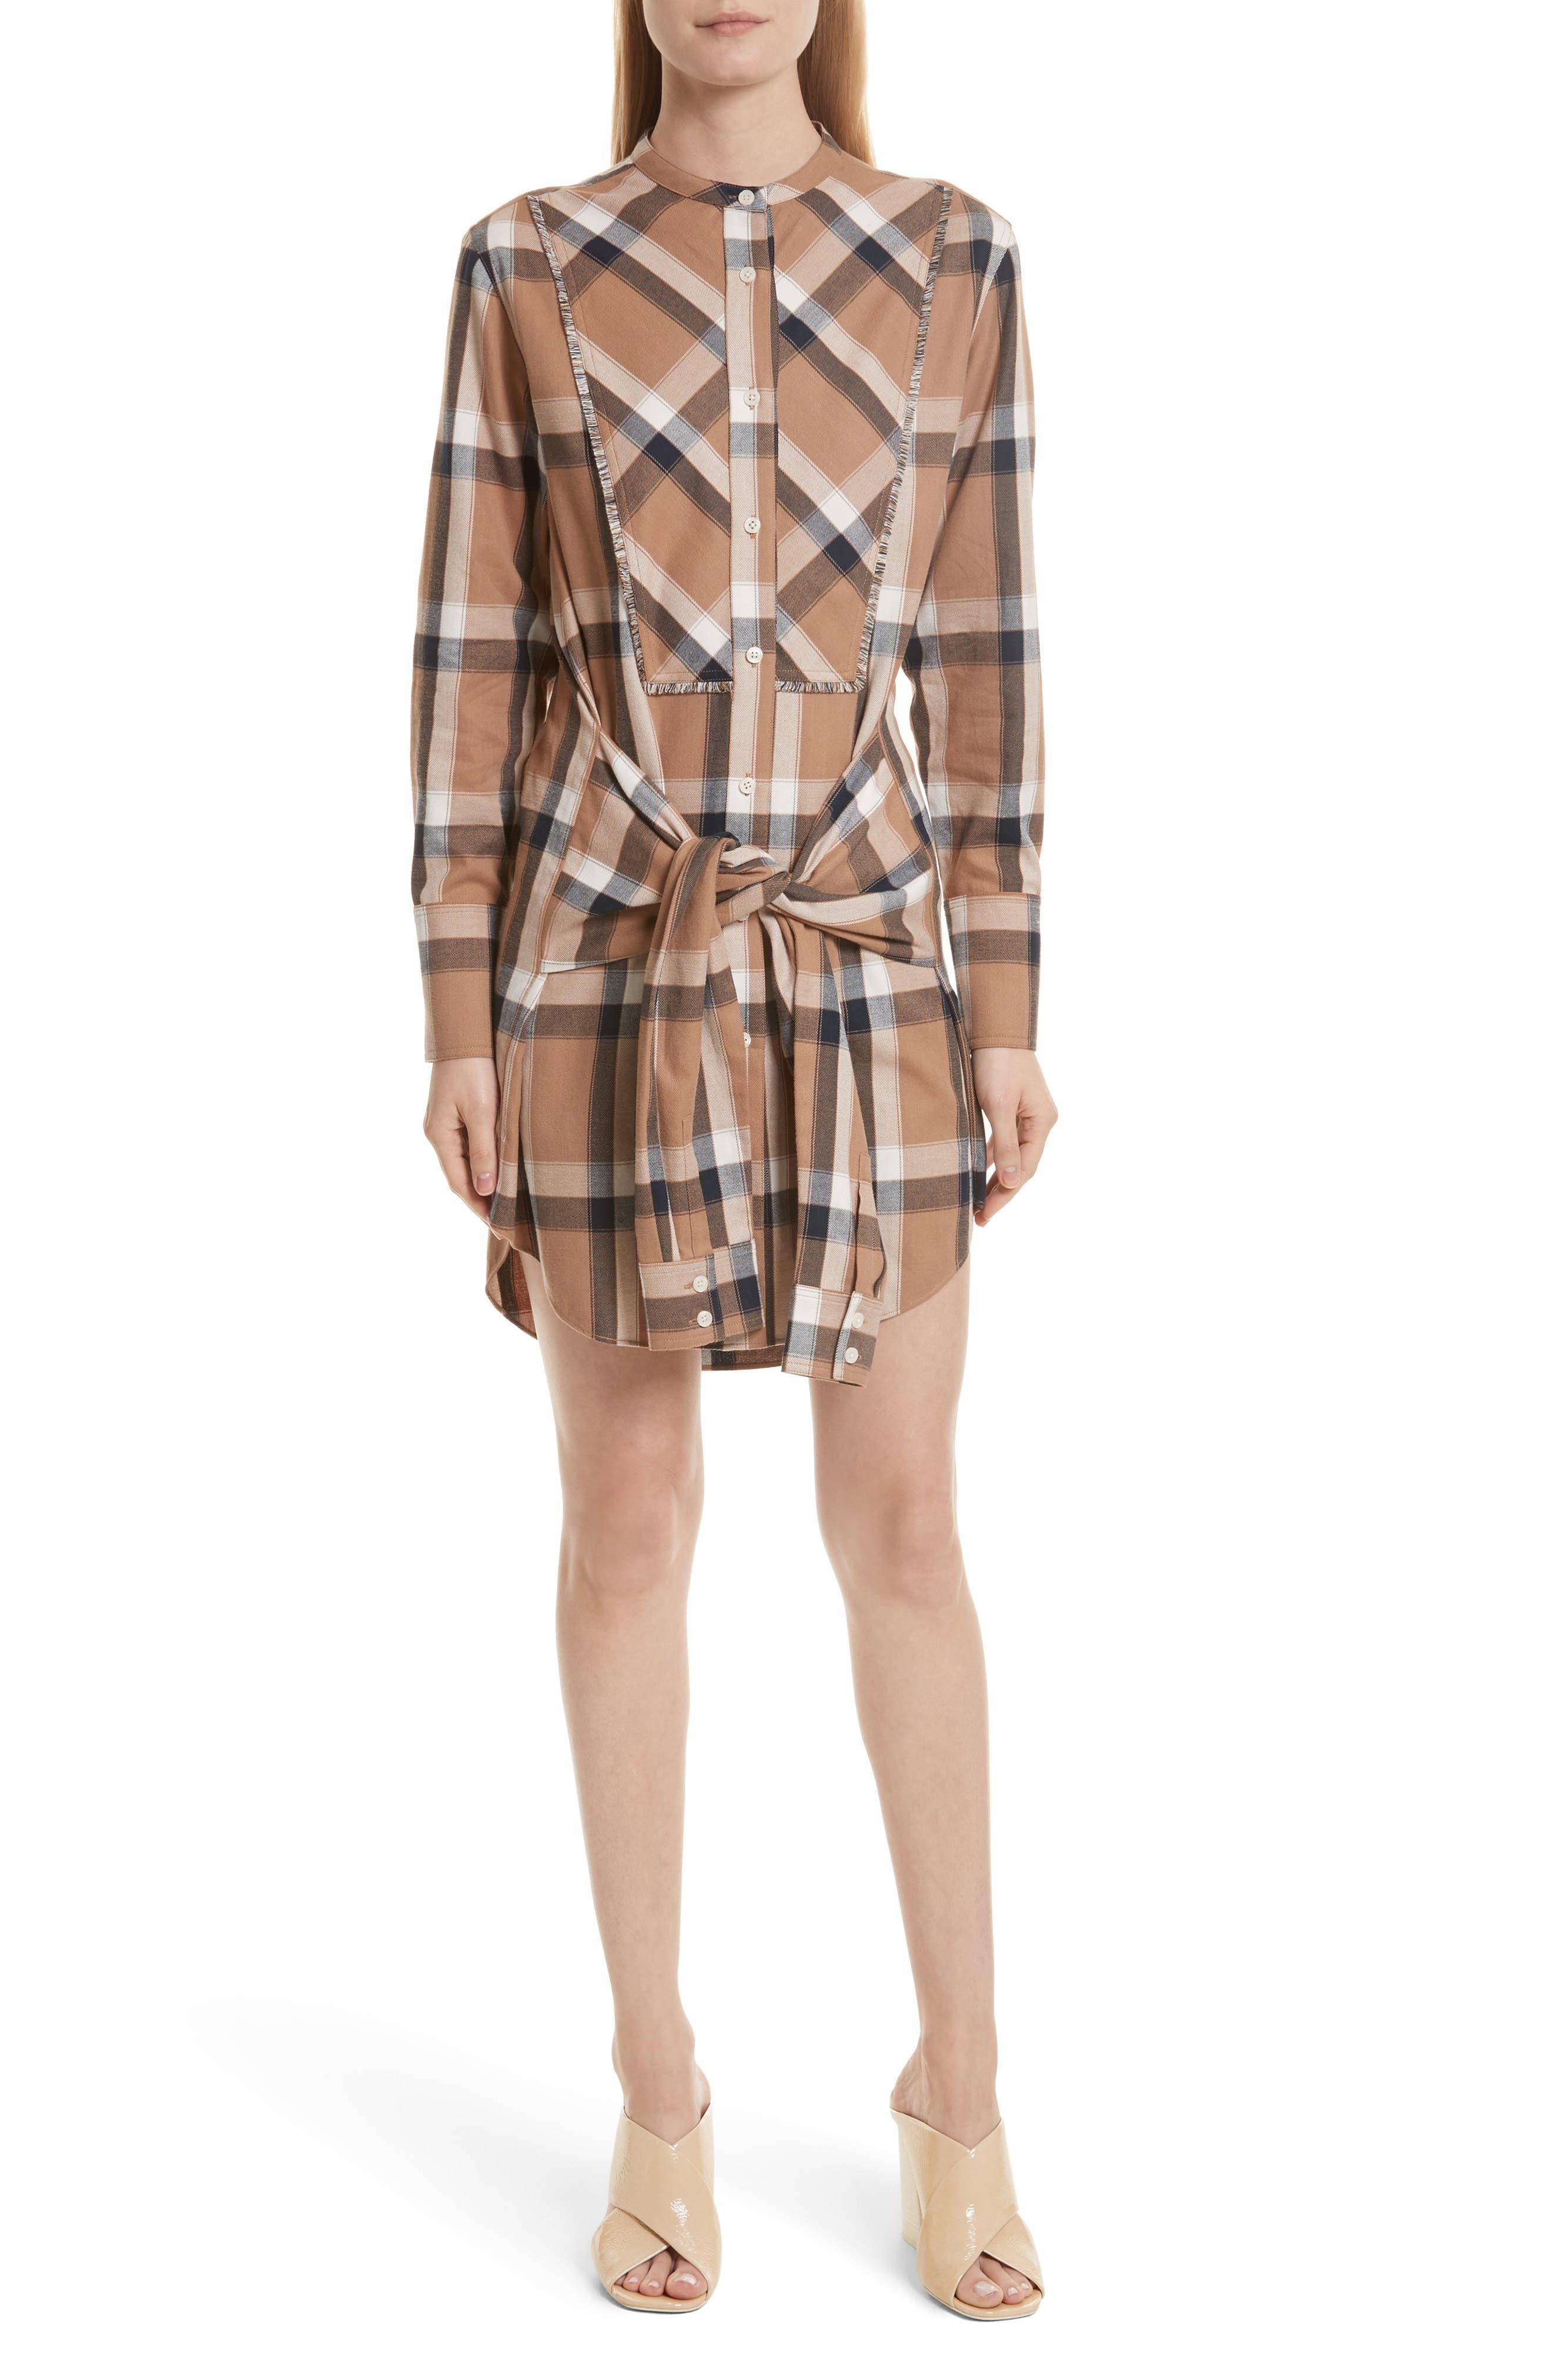 Alternate Image 1 Selected - Derek Lam 10 Crosby Plaid Tie Waist Dress